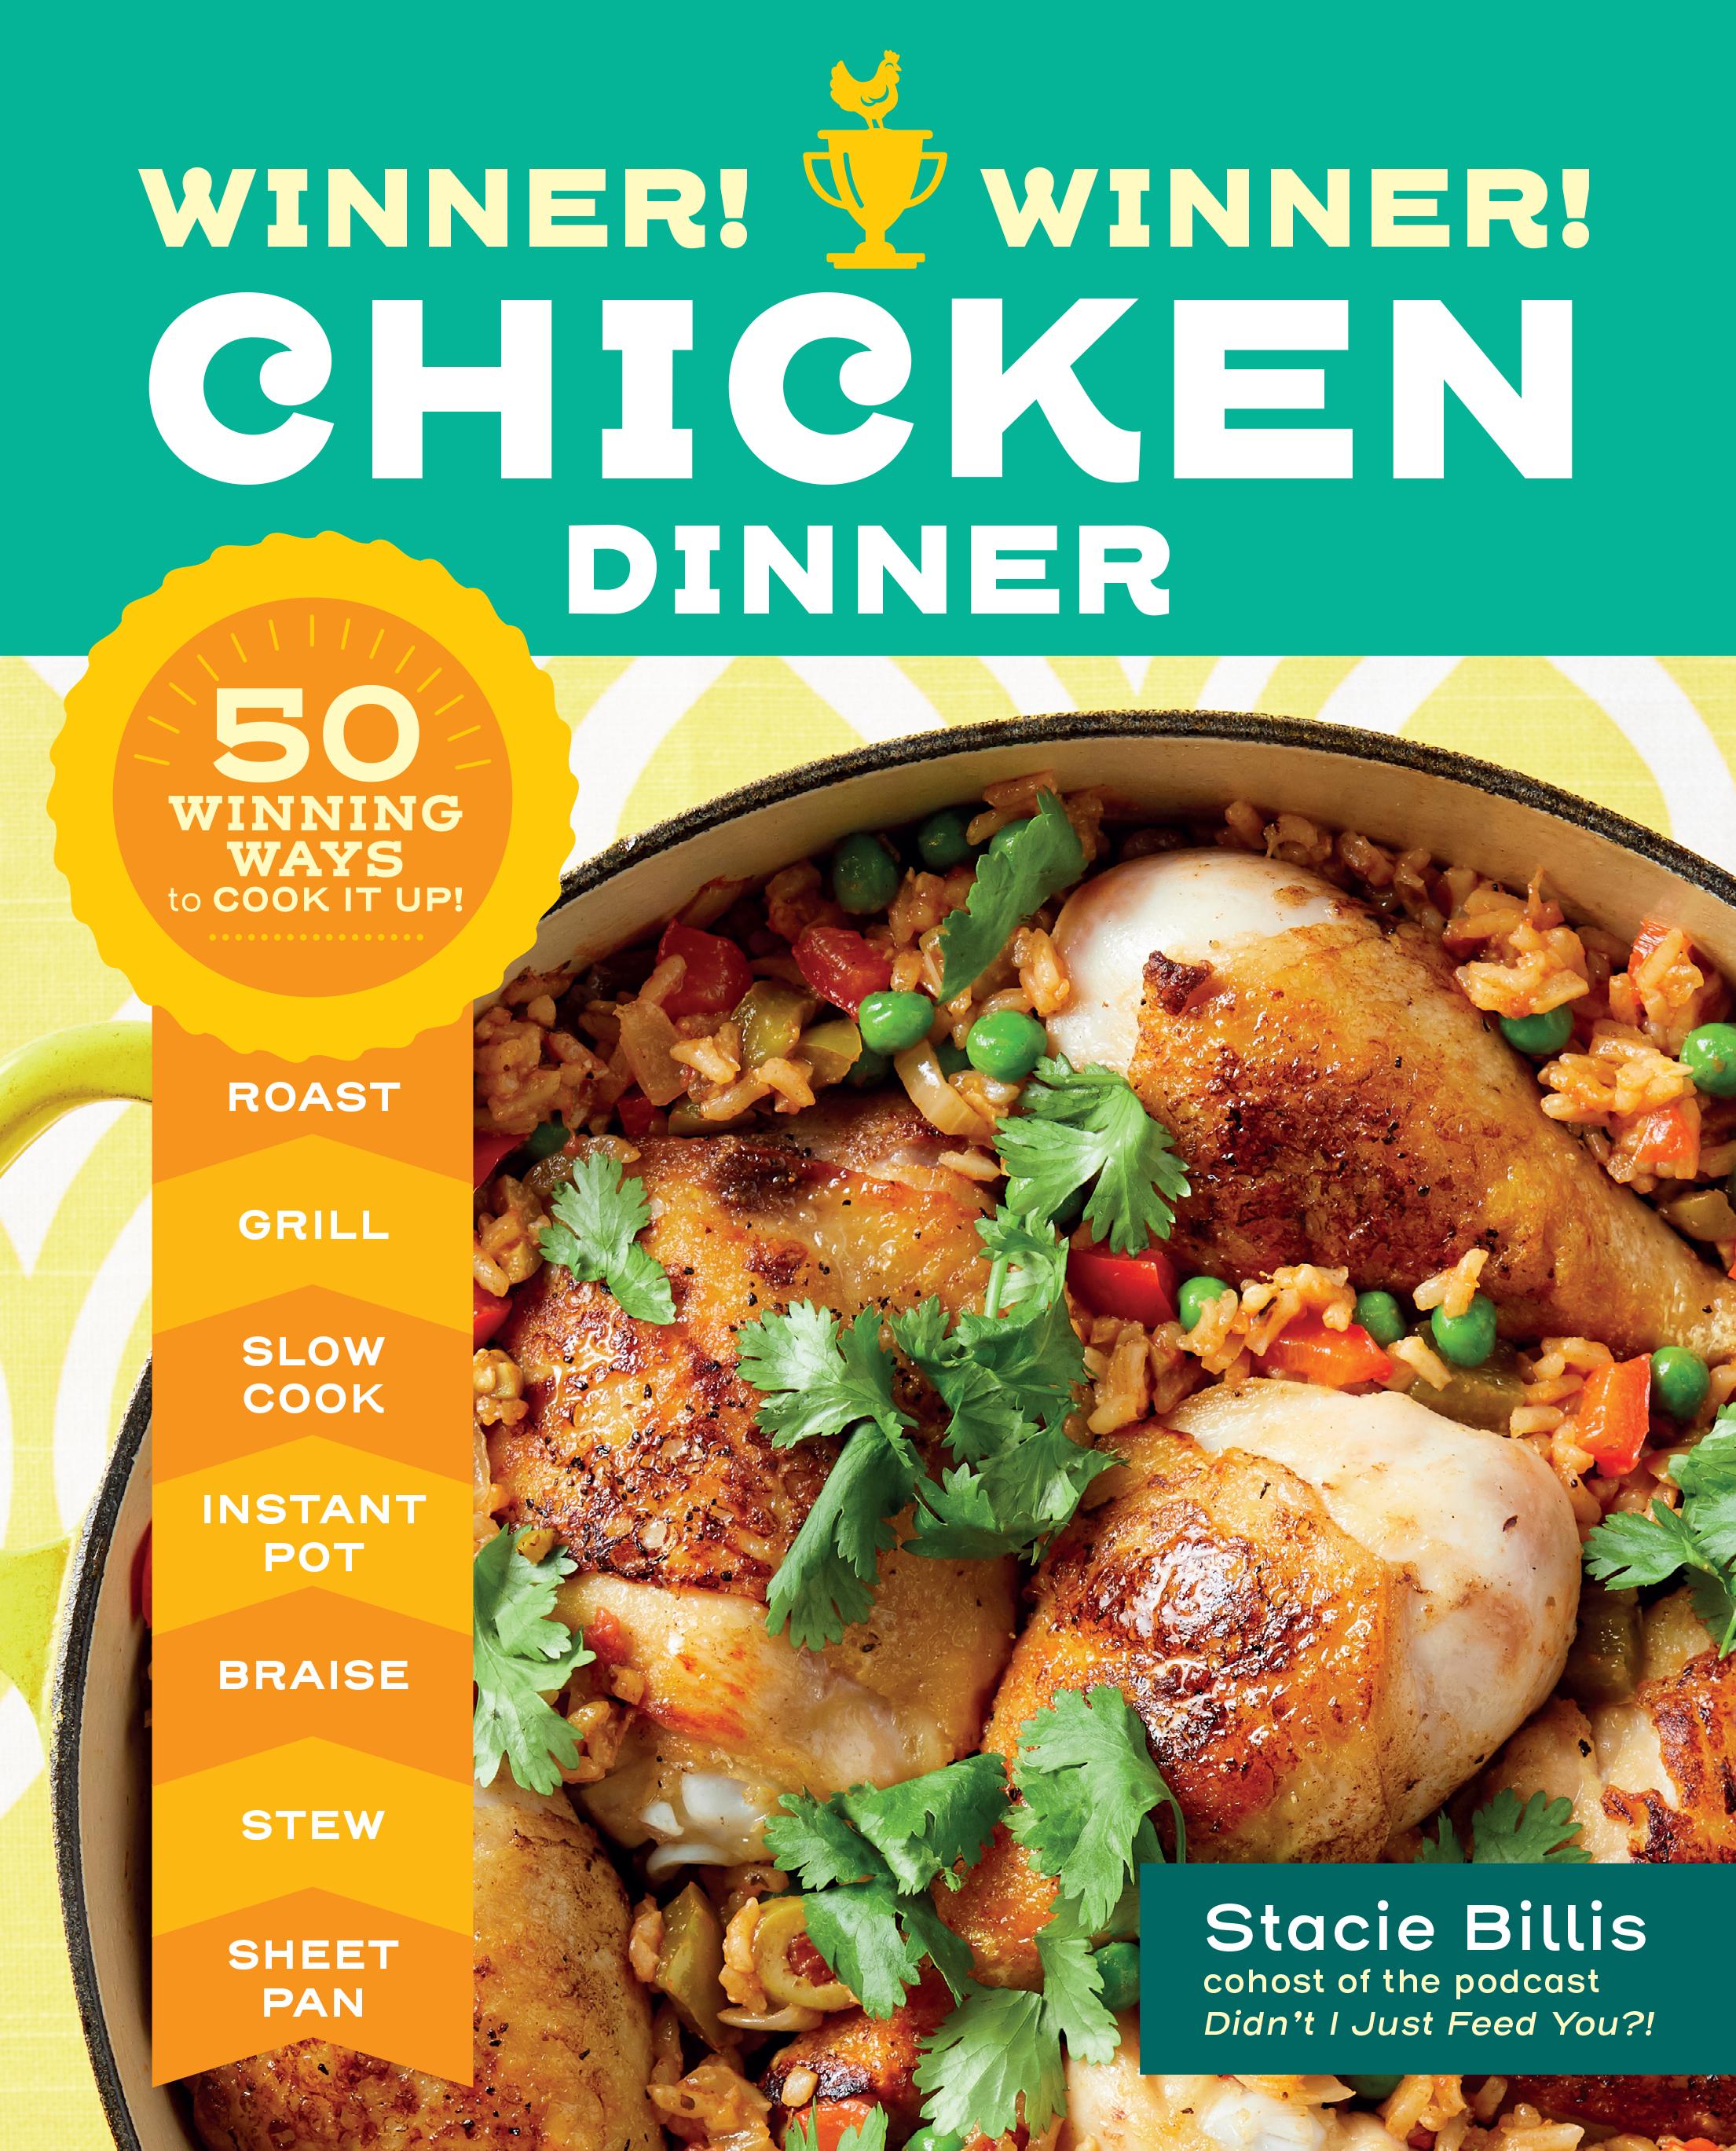 Winner! Winner! Chicken Dinner 50 Winning Ways to Cook It Up! - Stacie Billis